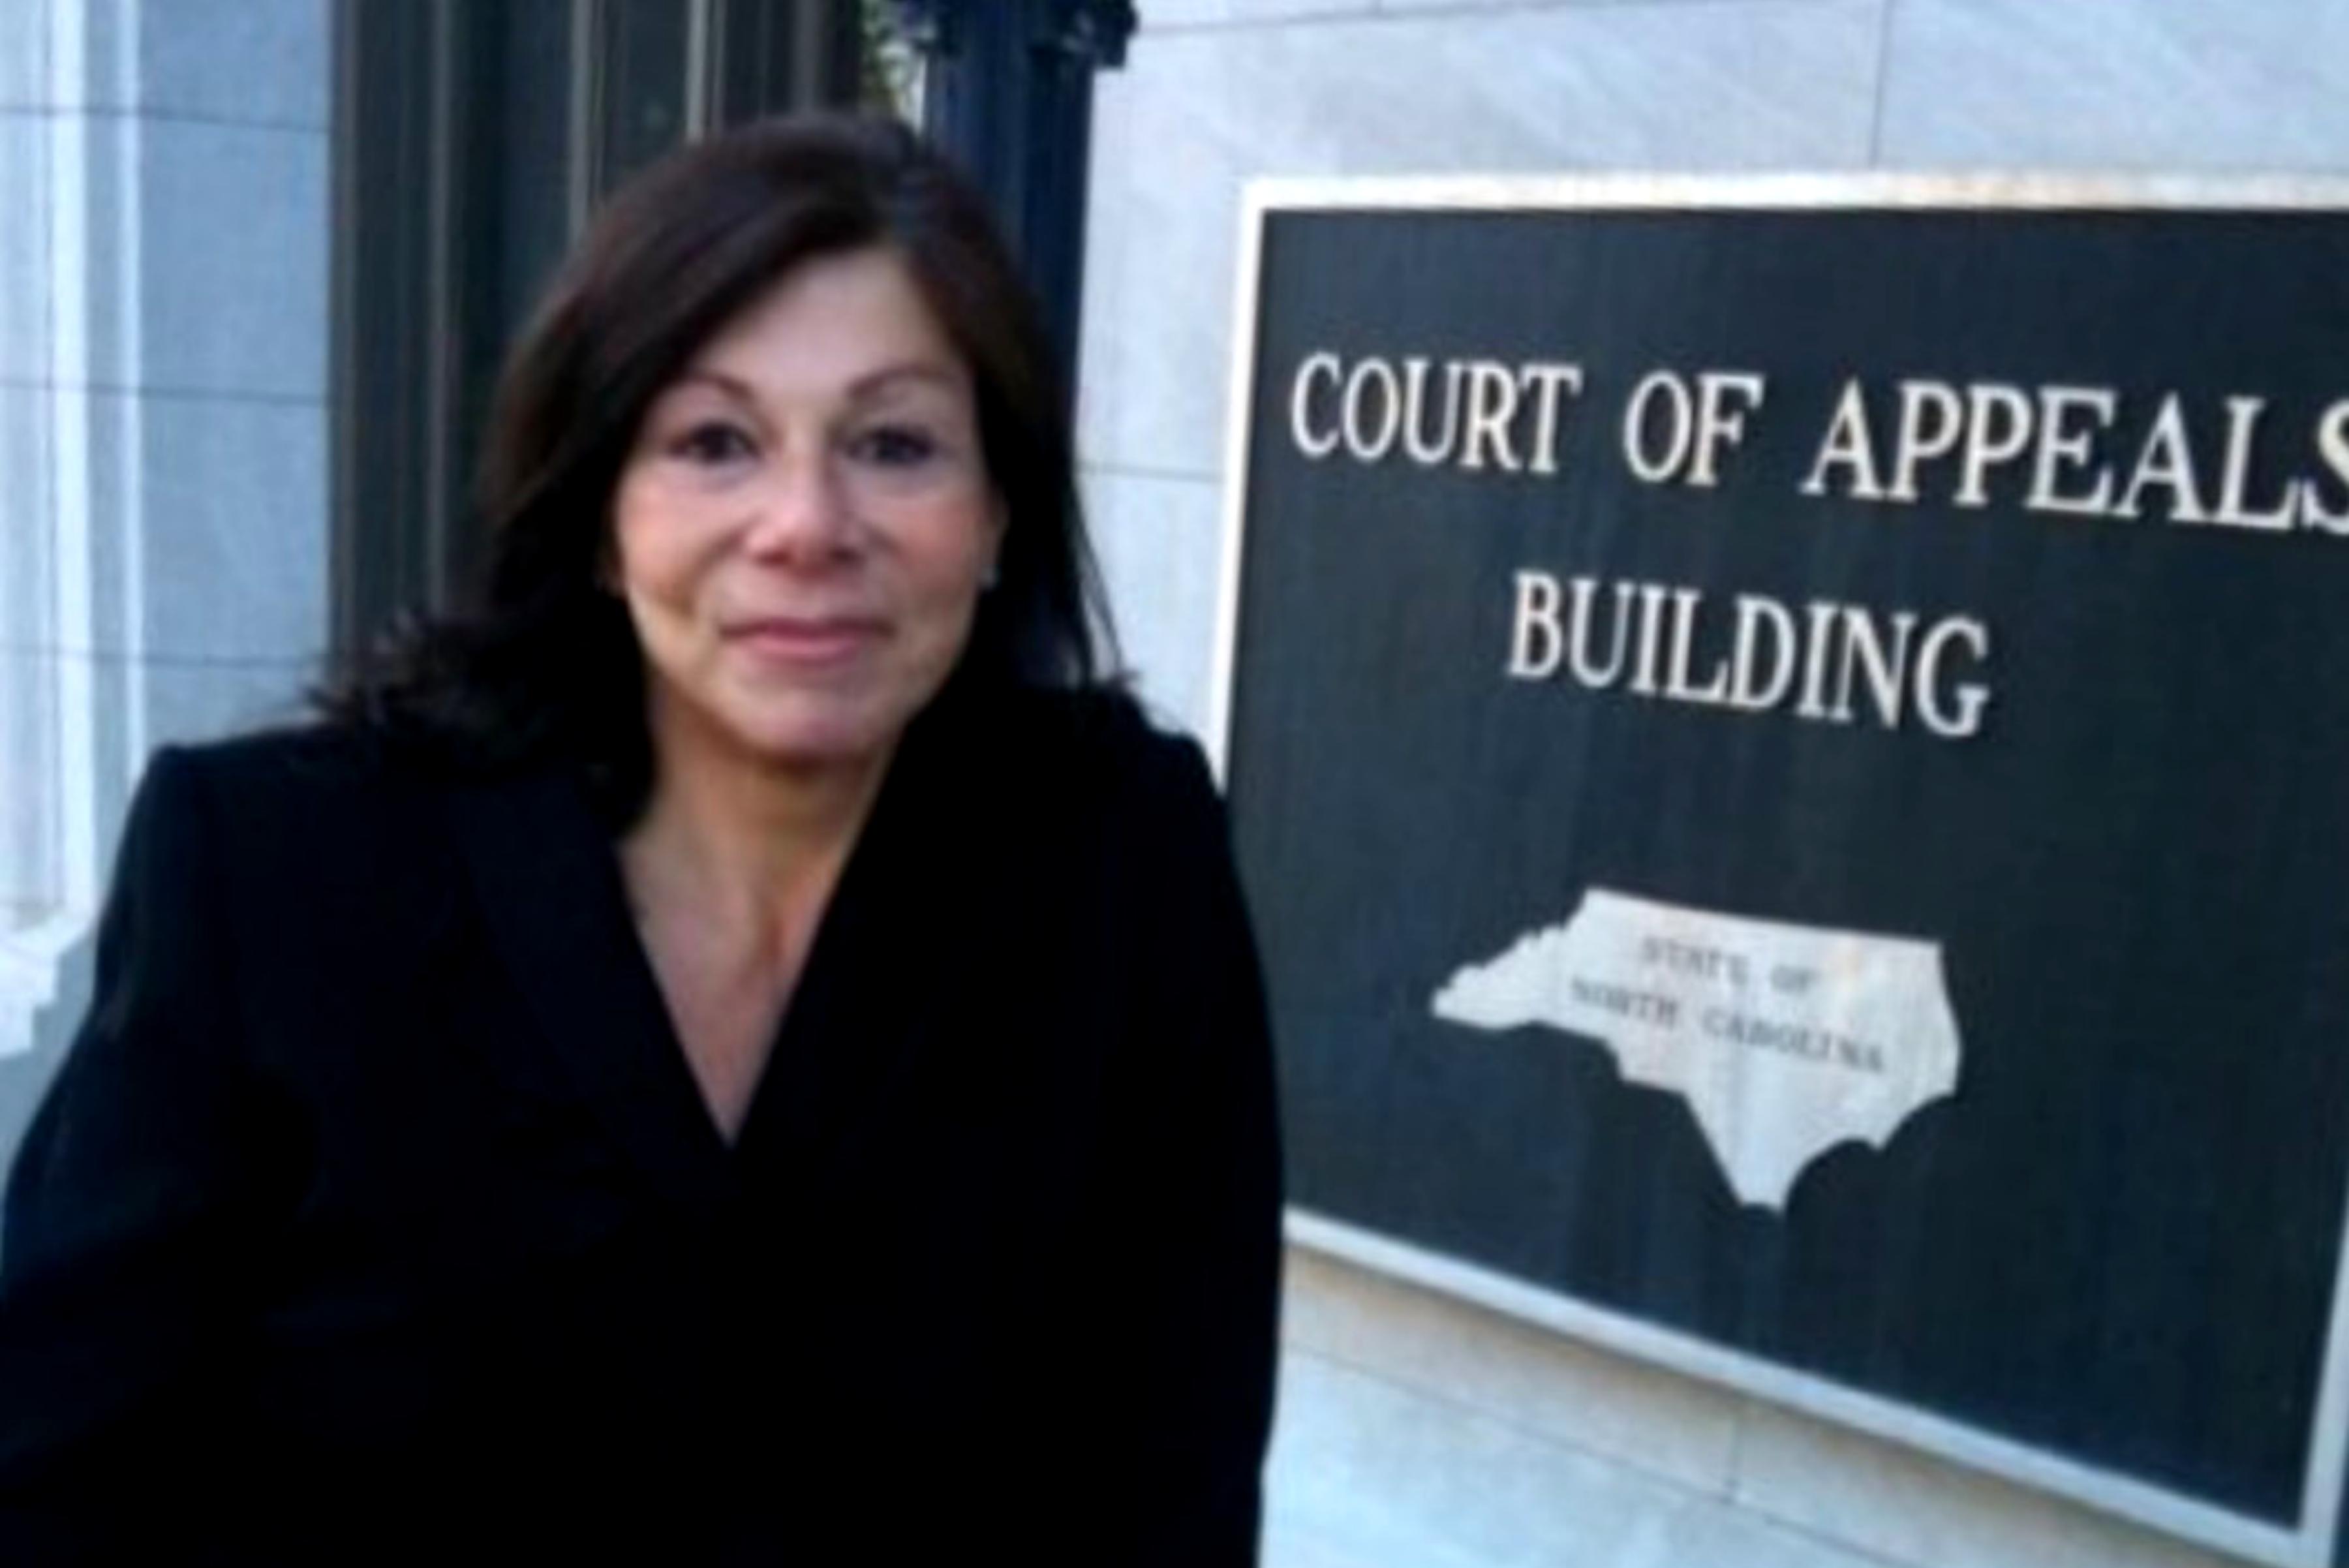 ARCANGELA MAZZARIELLO, of counsel